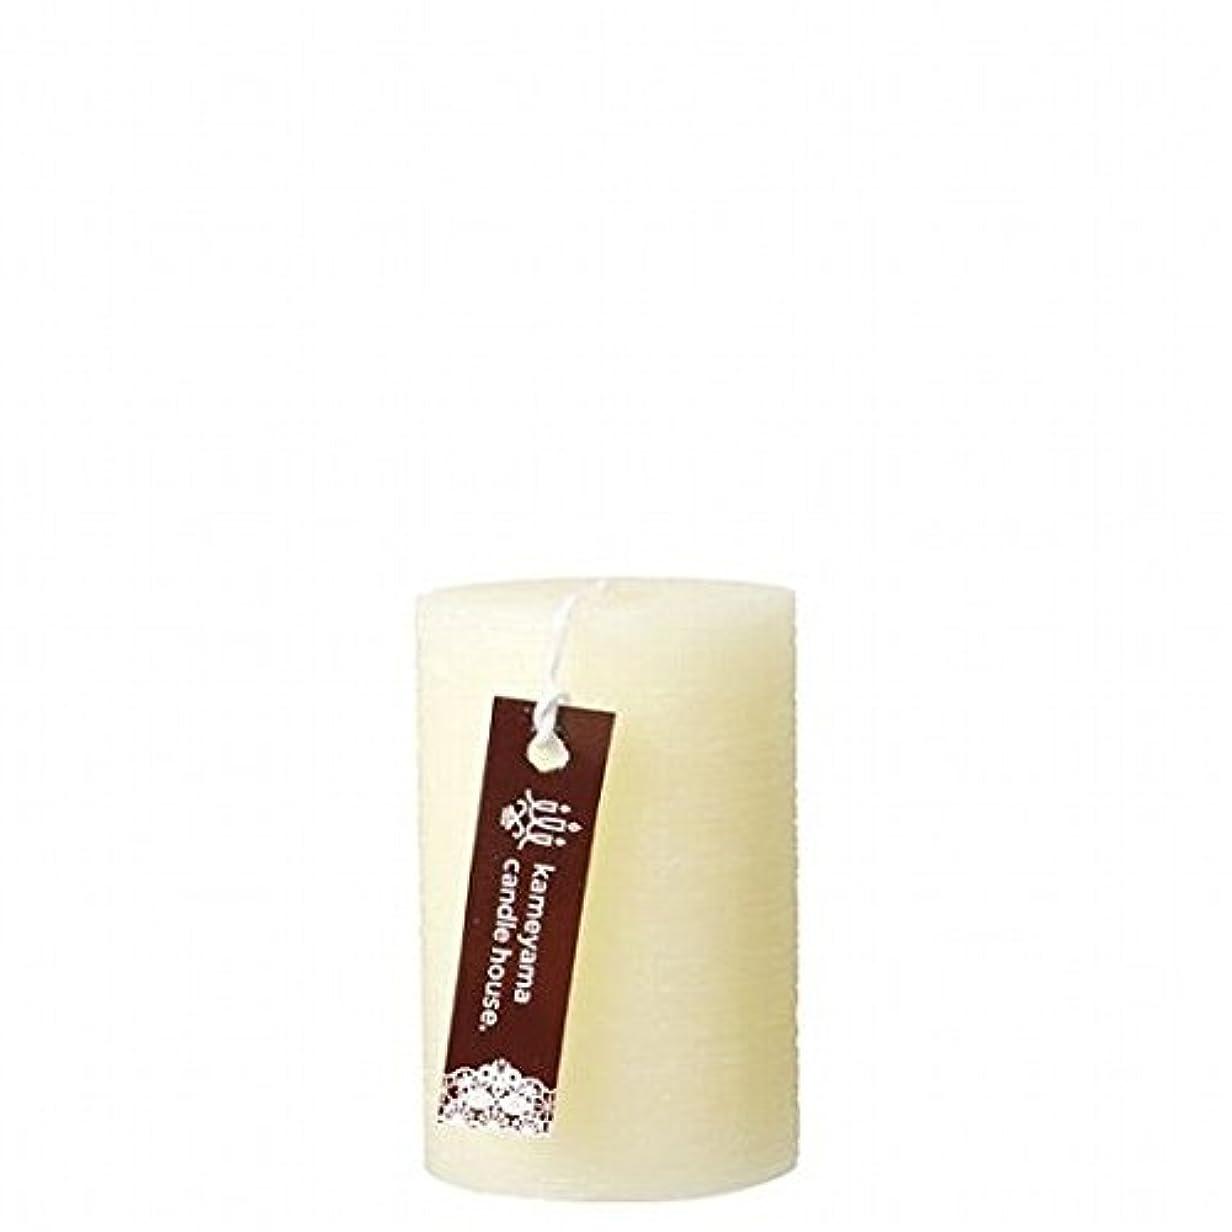 効能マネージャーイタリックkameyama candle(カメヤマキャンドル) ブラッシュピラー2×3 「 アイボリー 」(A8310000IV)